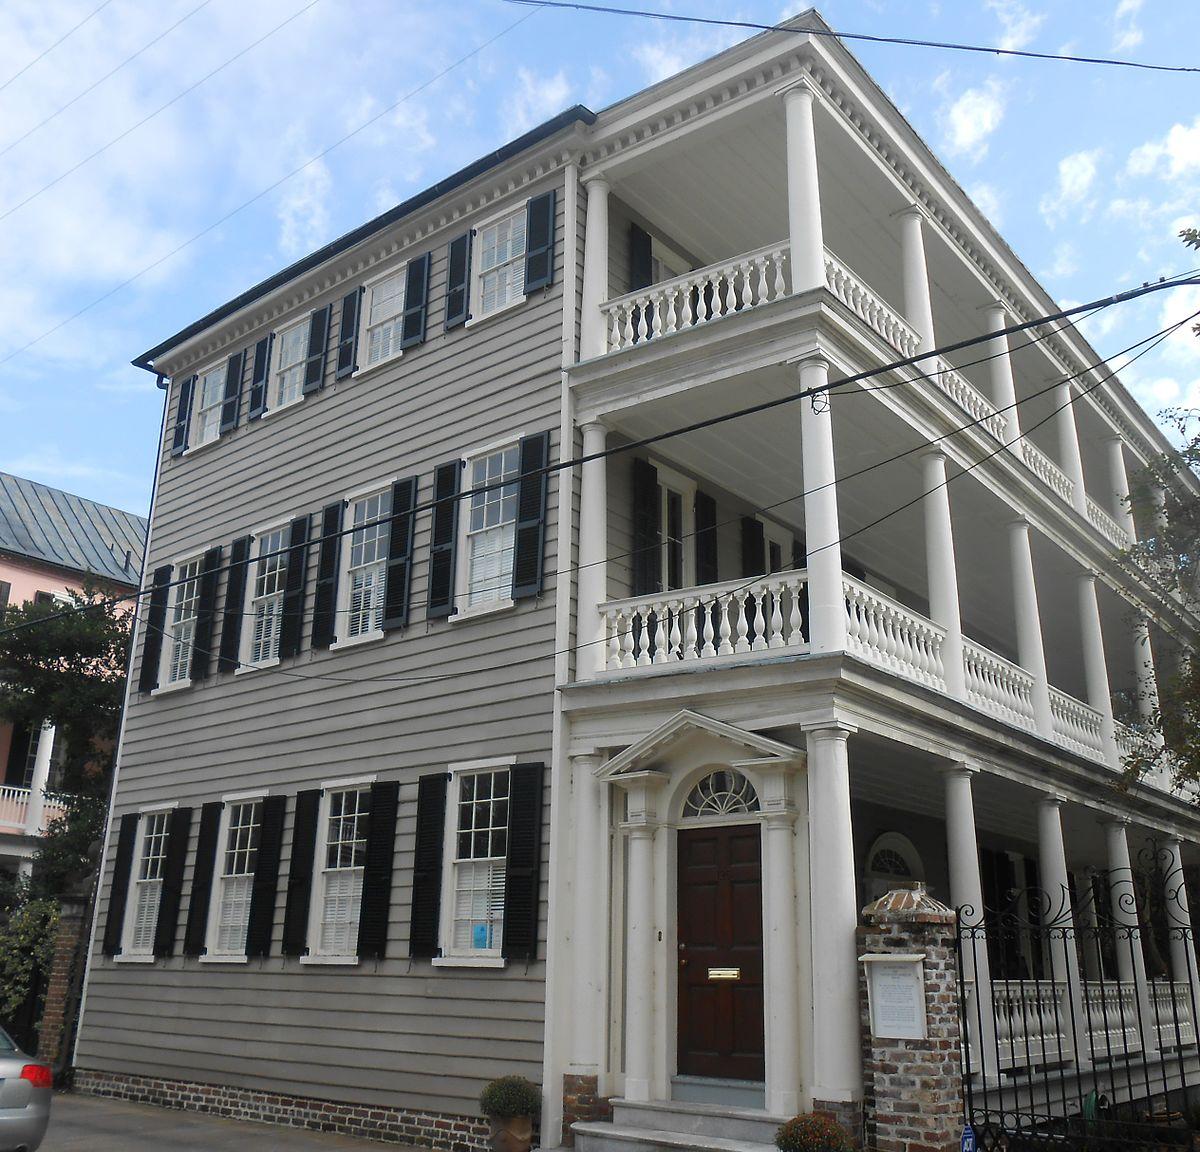 Charleston Sc Homes: Capt. John Morrison House